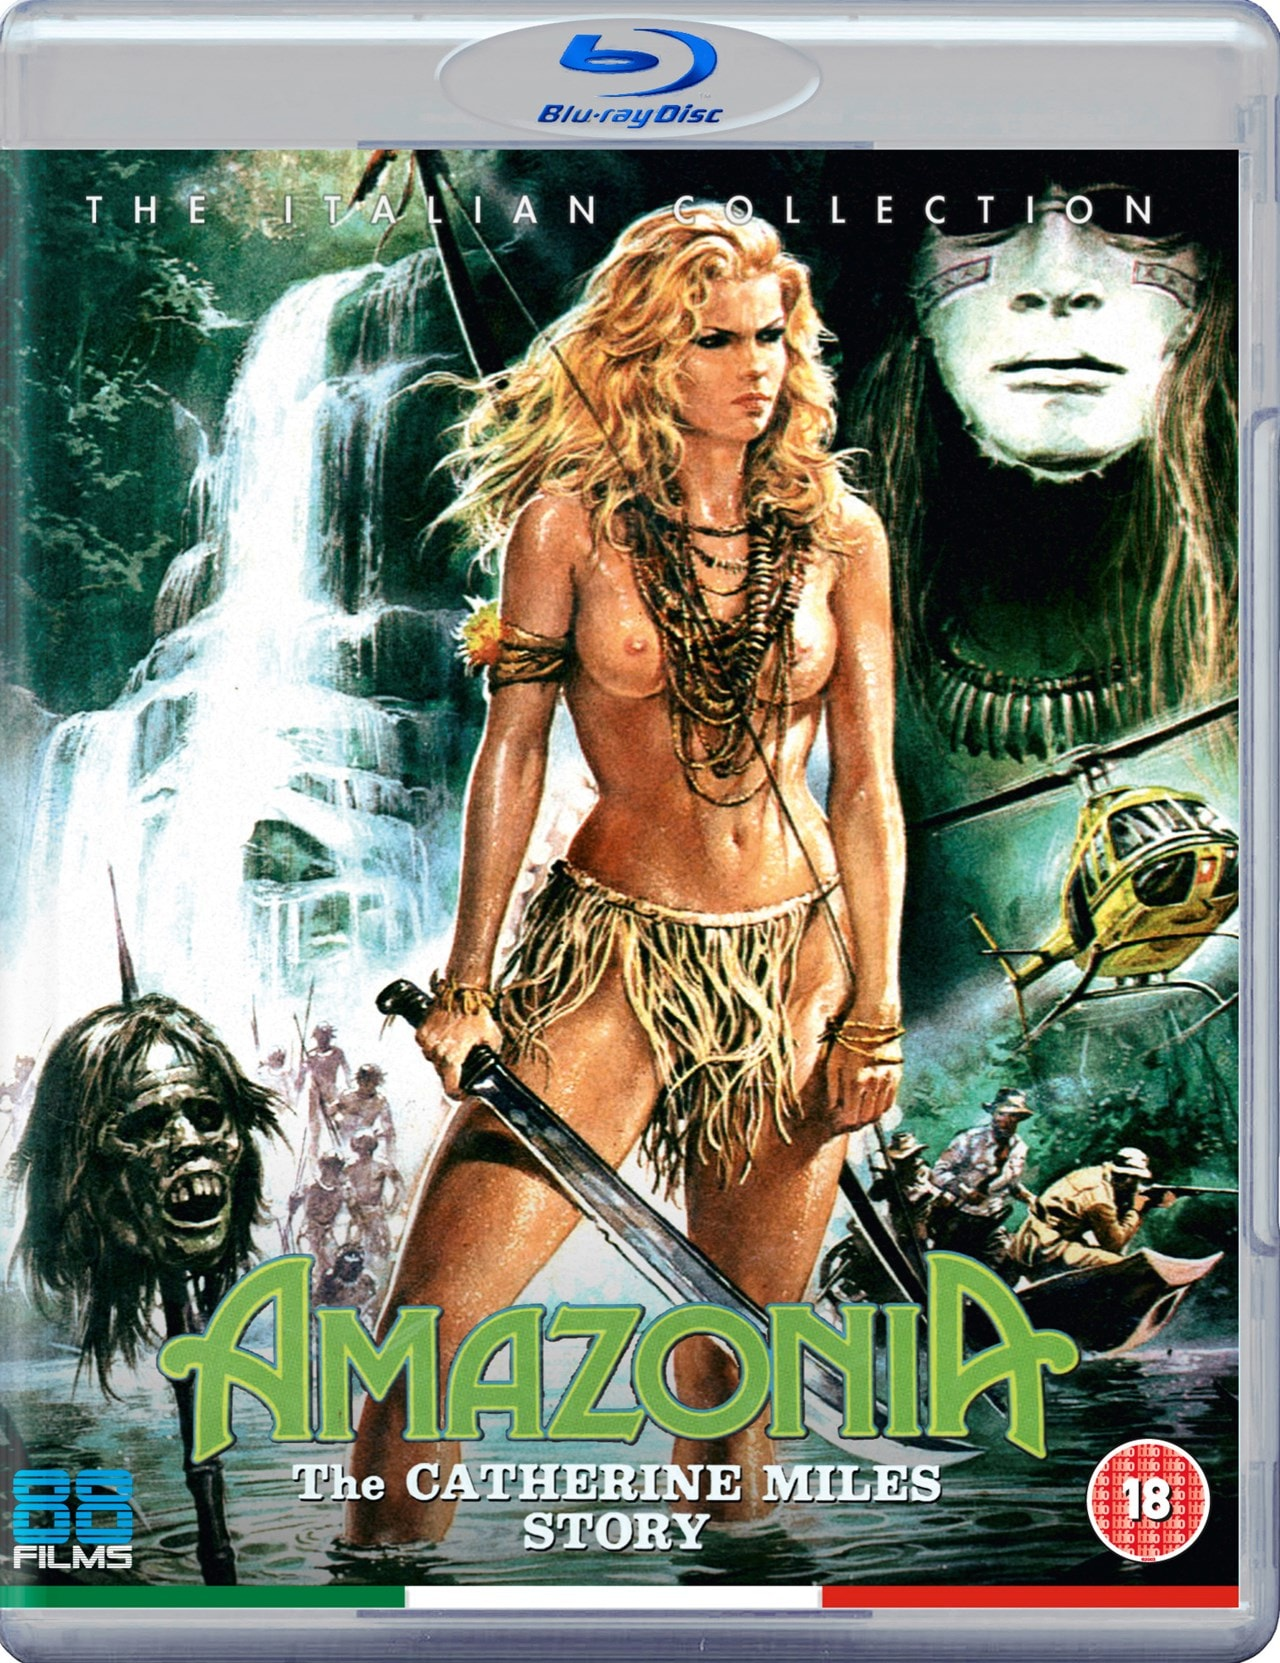 Amazonia - The Catherine Miles Story - 1